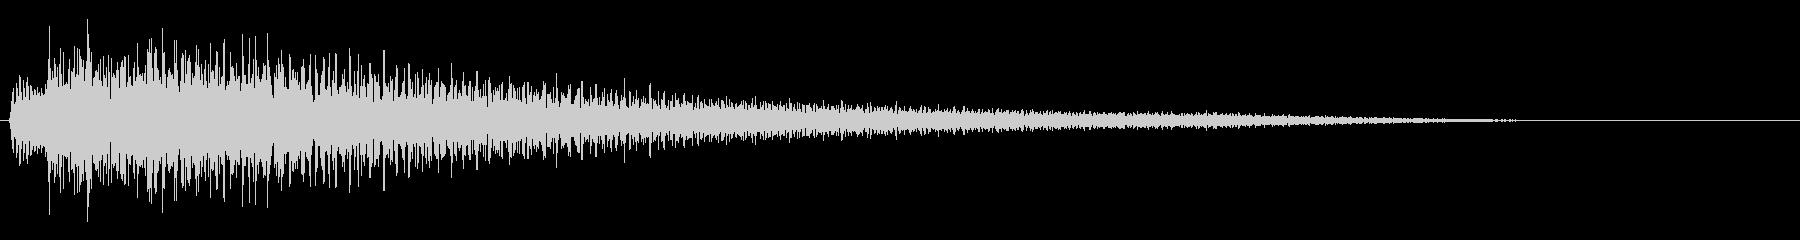 【ピアノ生演奏】切ない雰囲気のジングルの未再生の波形